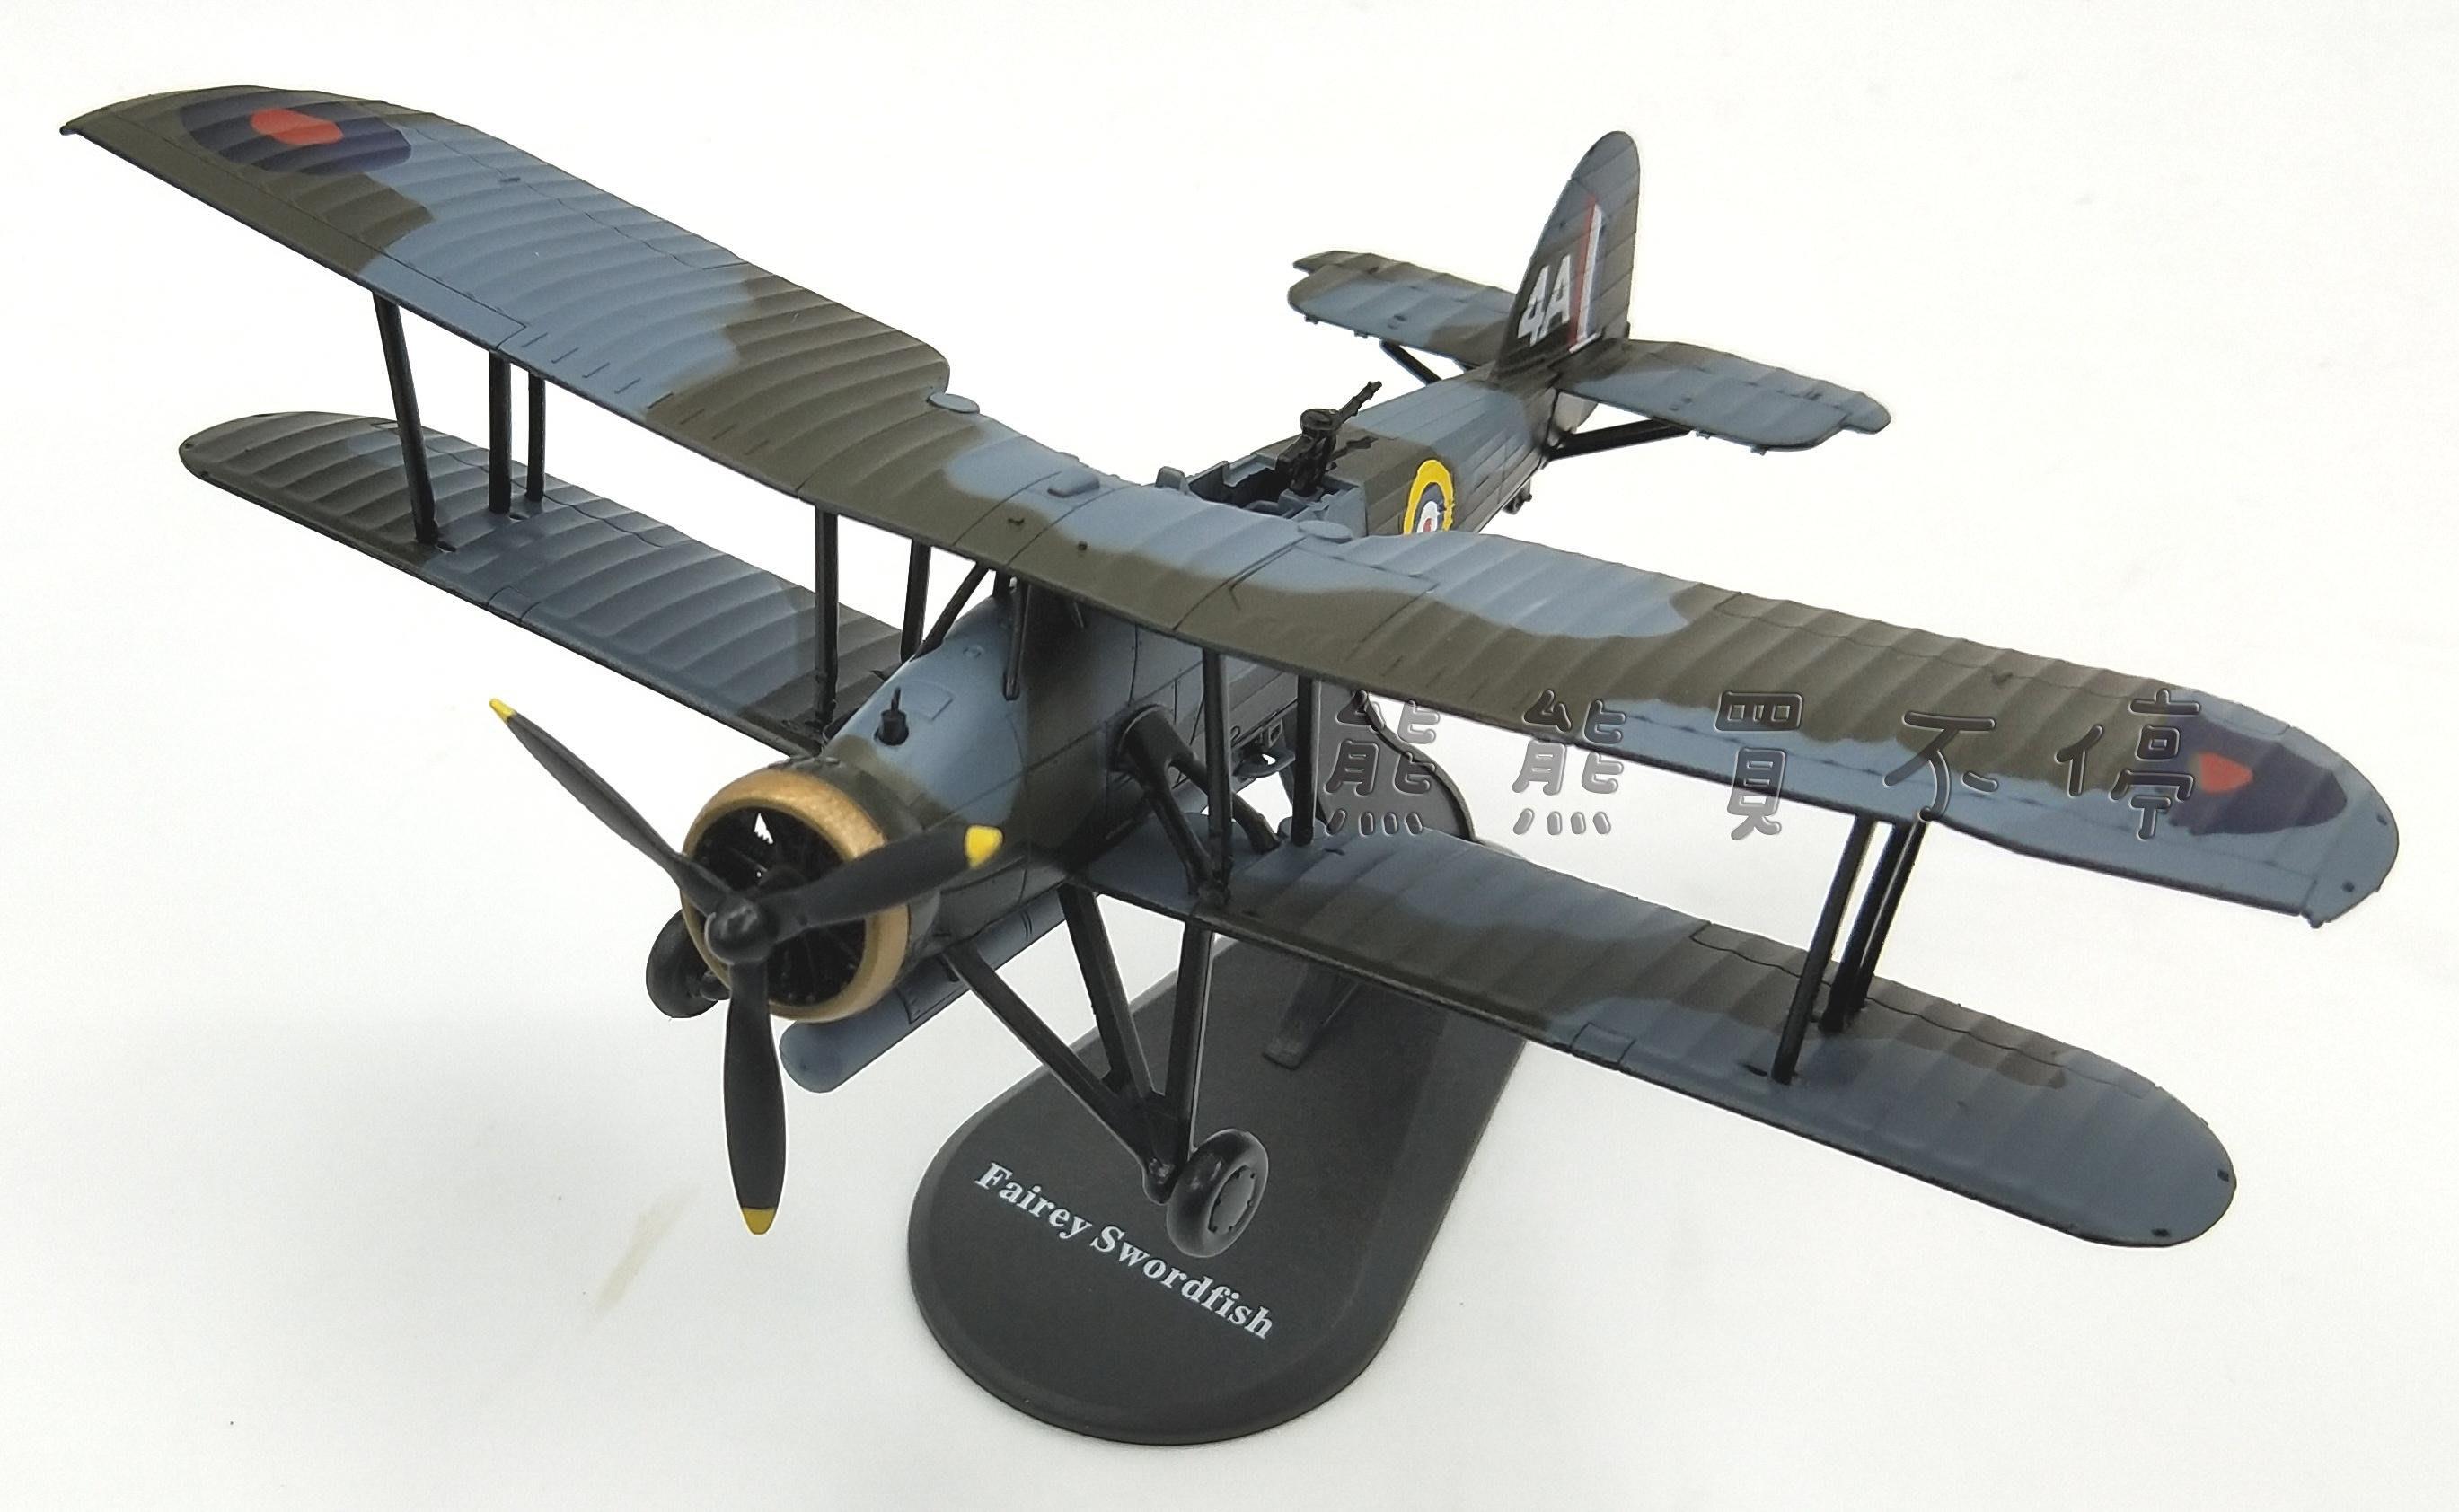 現貨 二戰英國劍魚式 魚雷攻擊機 雙翼飛機 細繩袋 1:72 合金飛機模型 實物拍攝